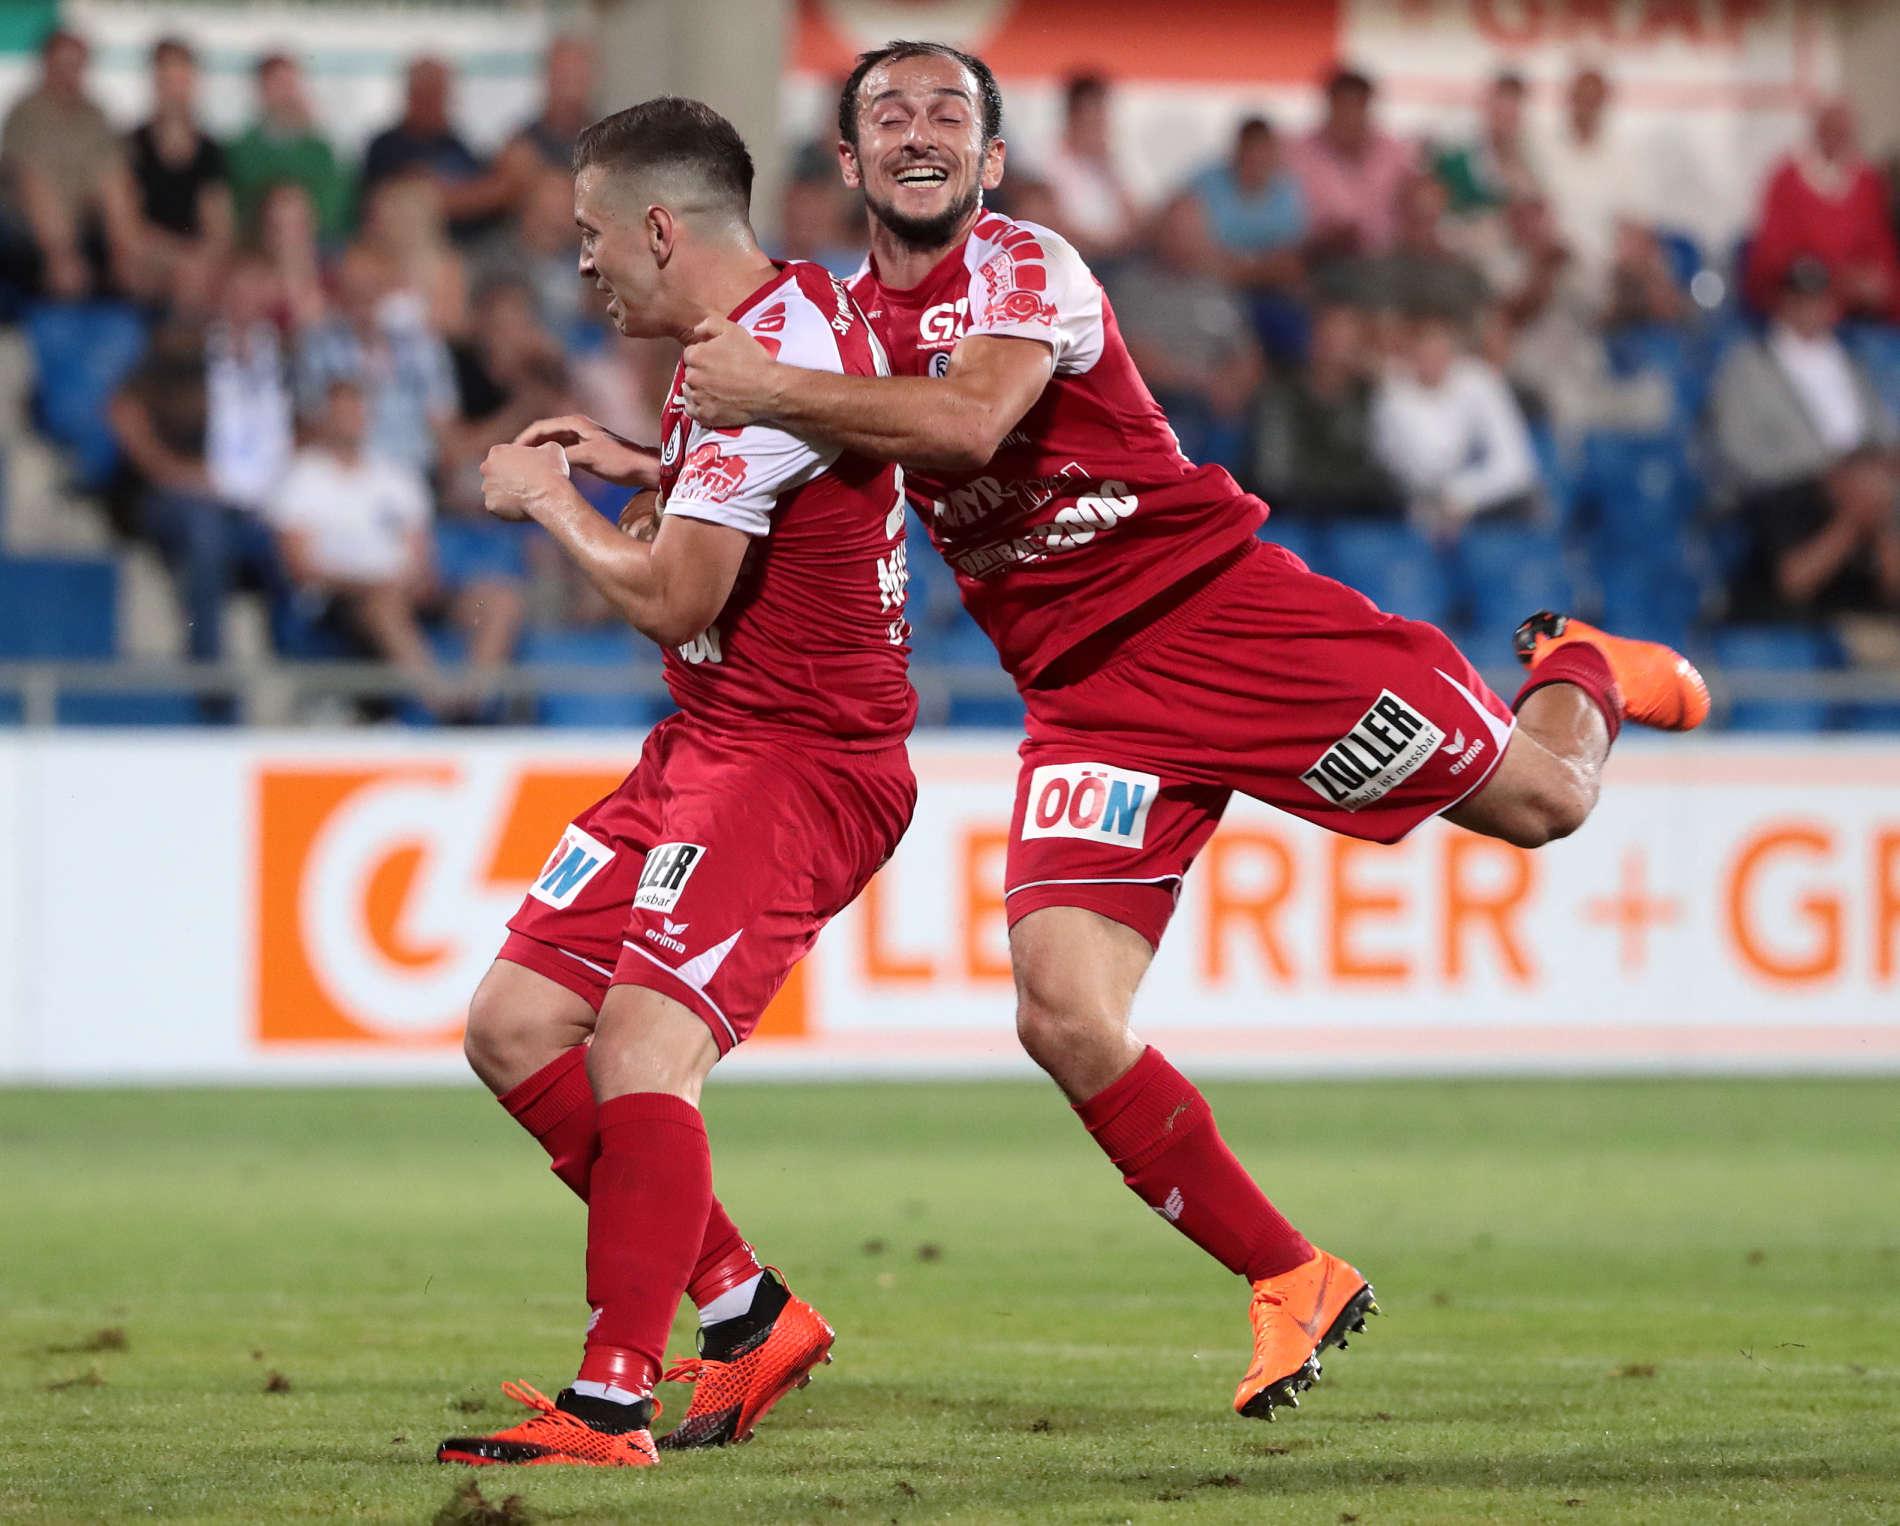 Die Erleichterung bei Steyrs Siegtorschütze Bojan Mustecic (l.) und seinem neuen Klub war riesig.